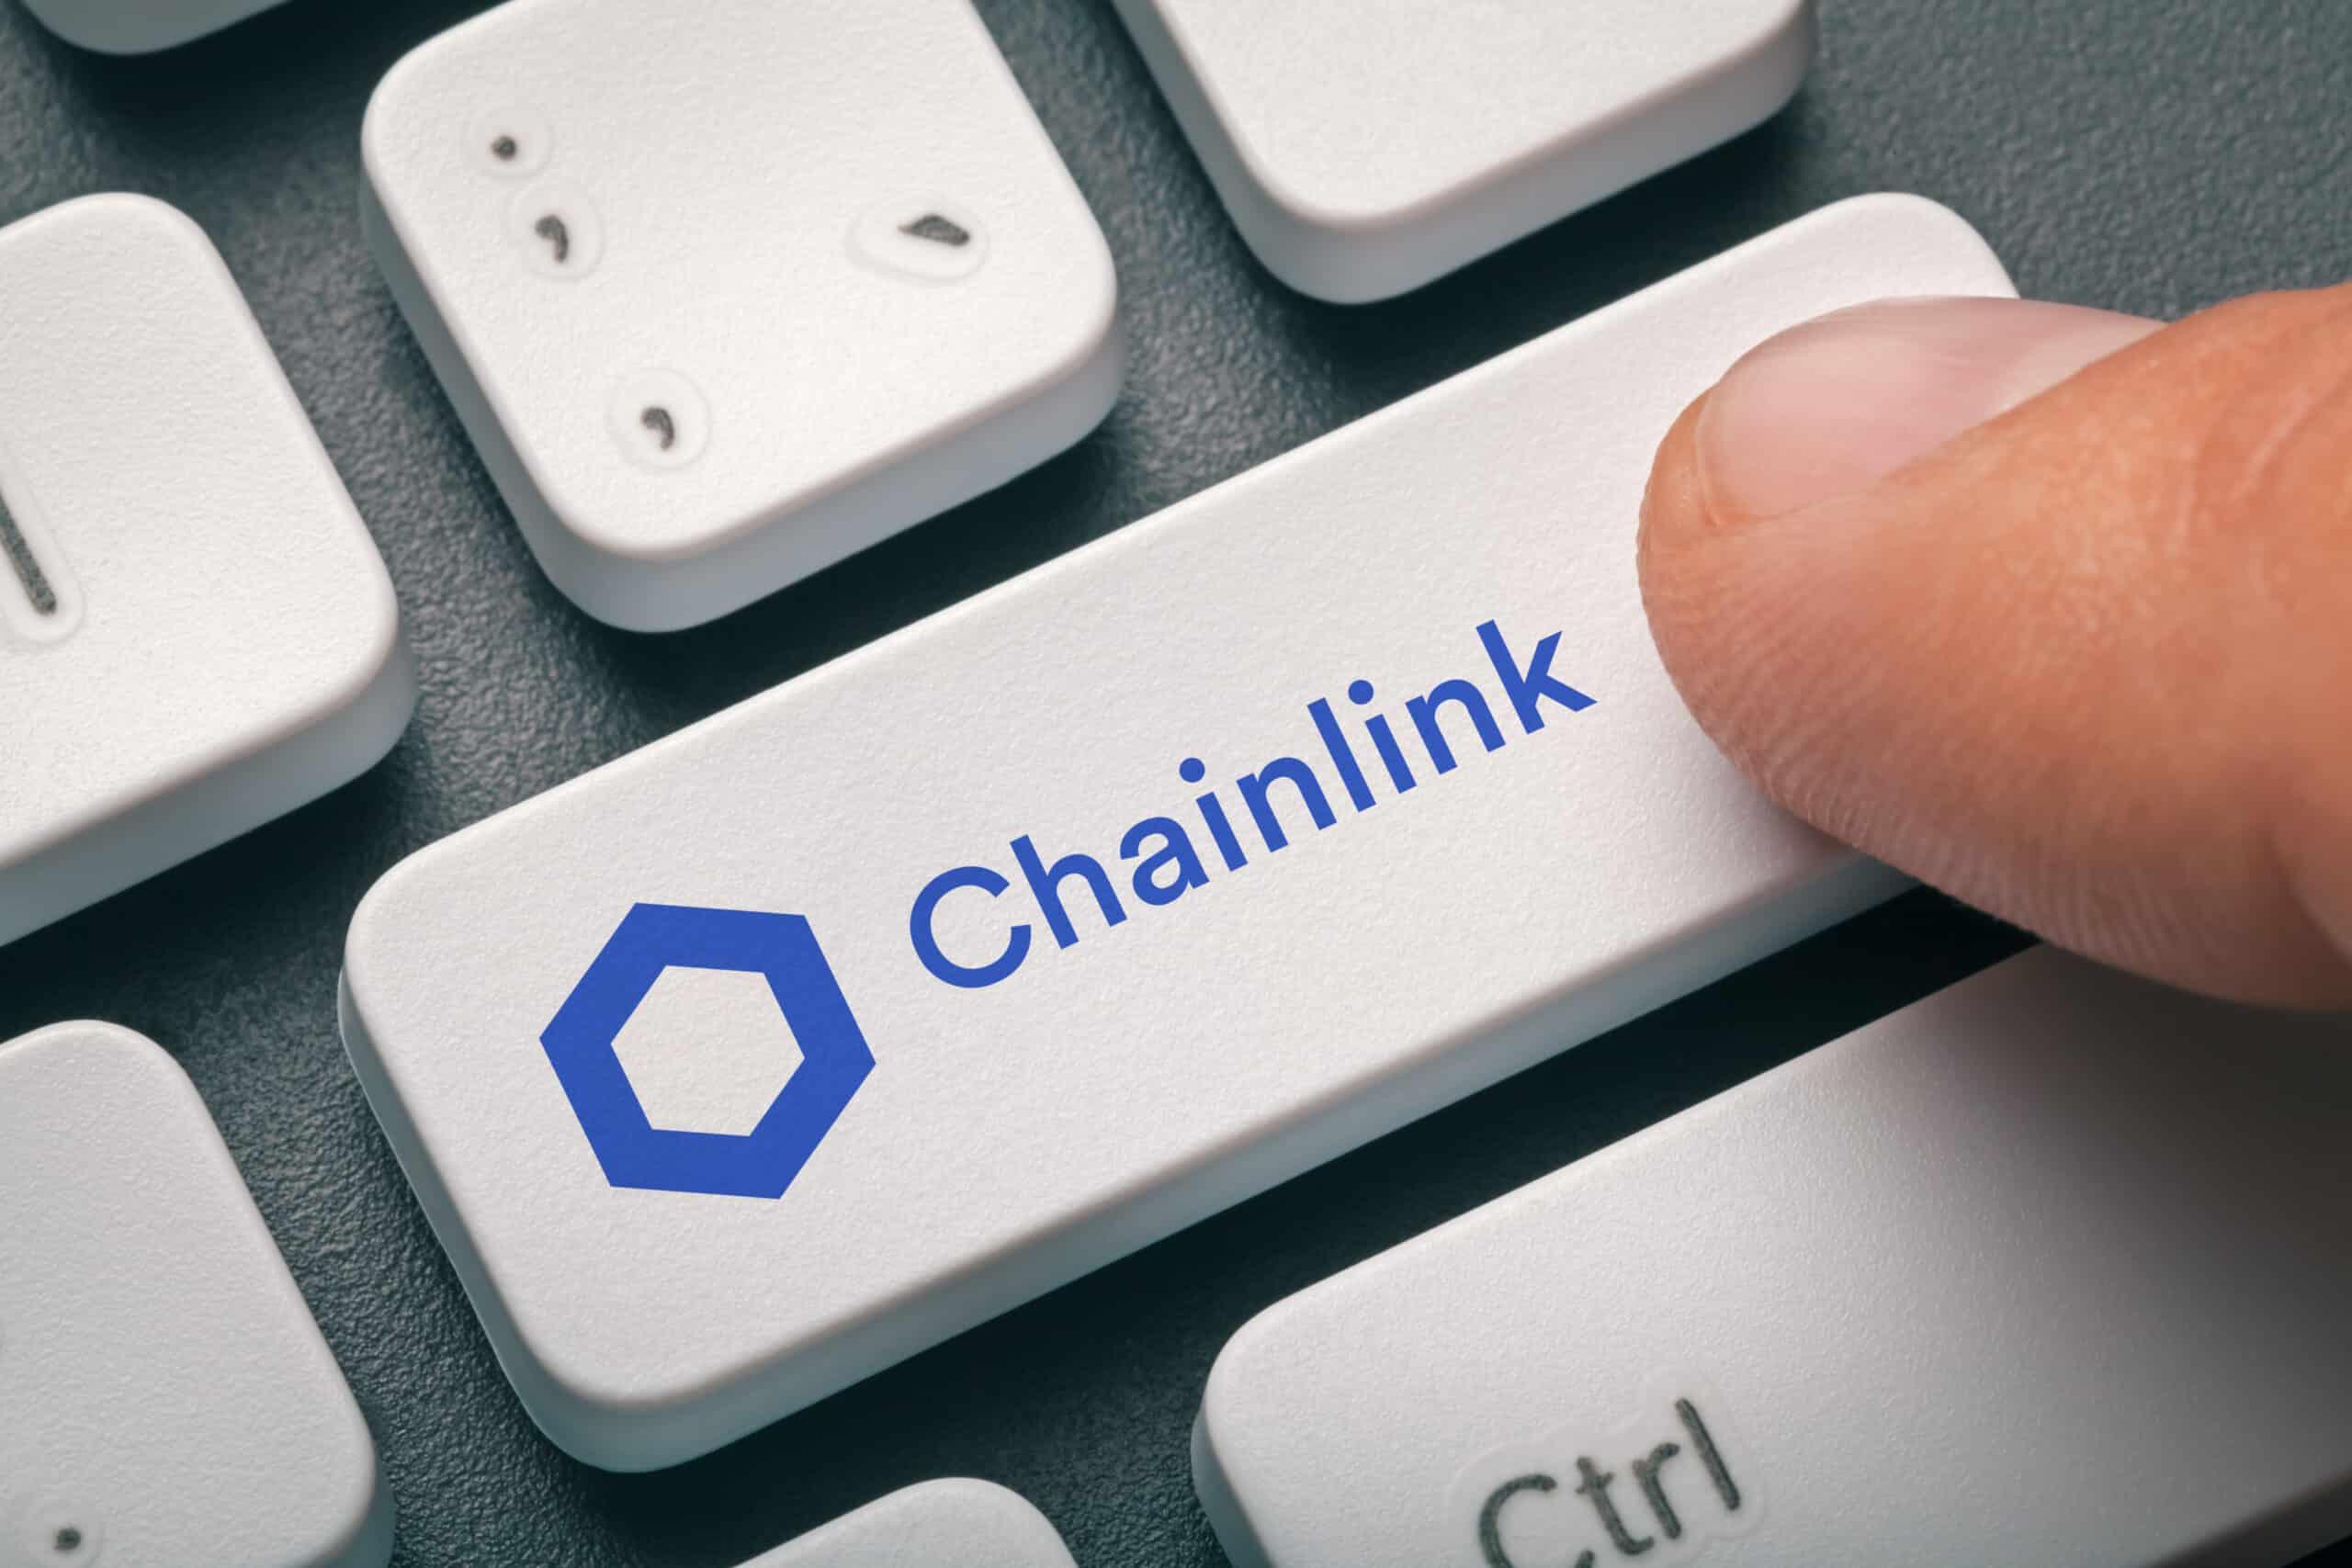 Tastatur ChainLink Logo